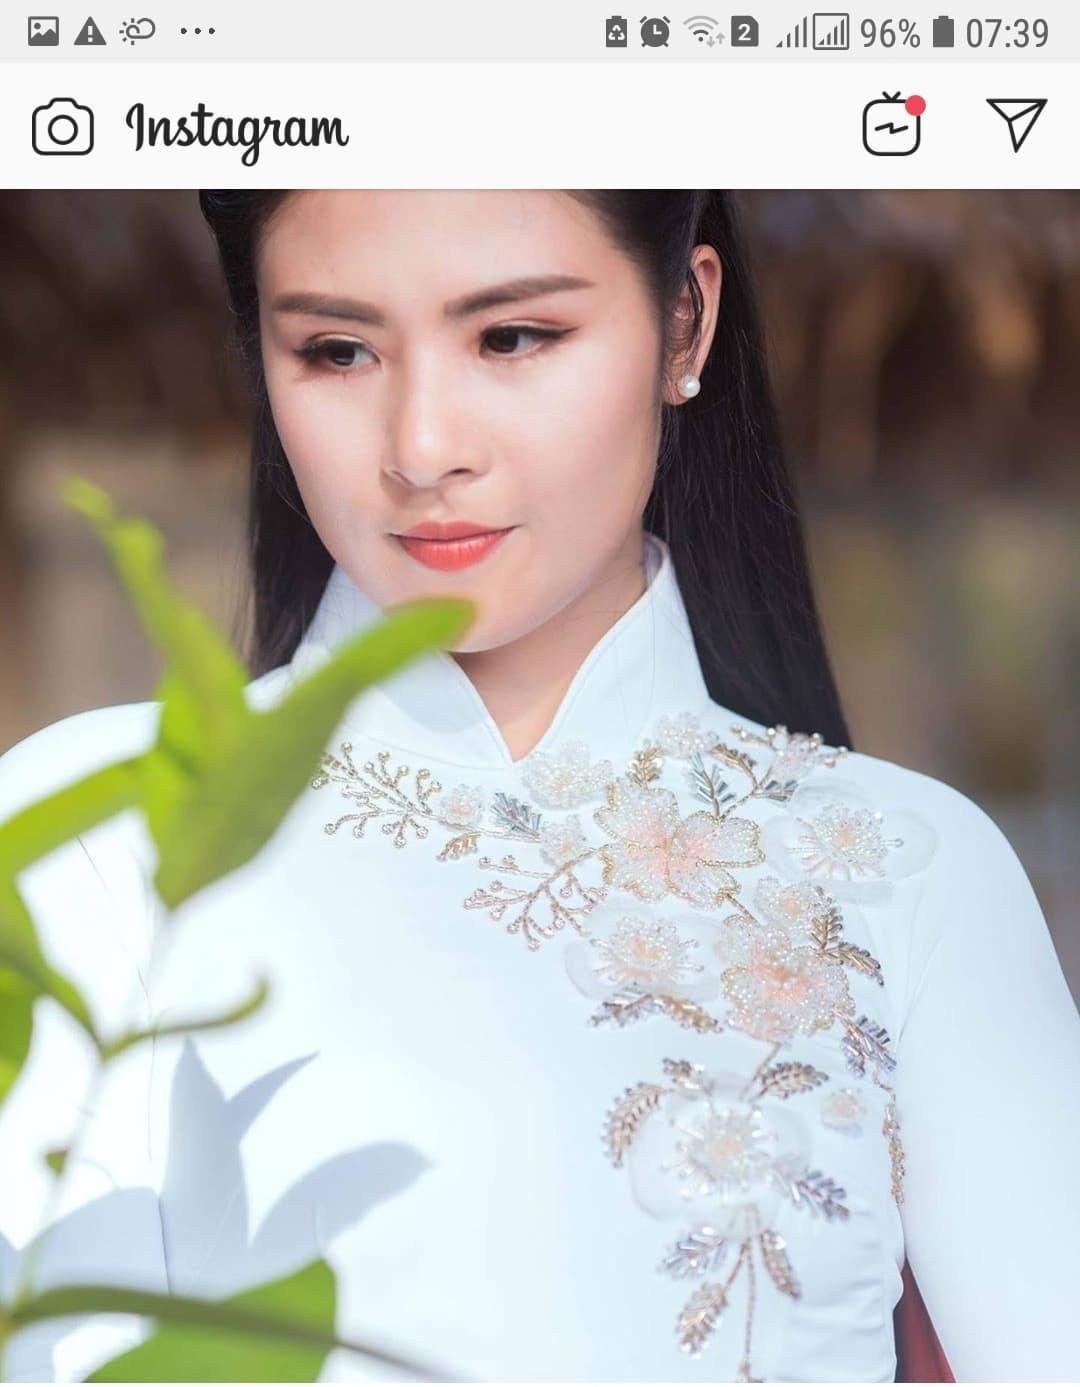 Hoa hậu Ngọc Hân chia sẻ ẩn ý trước nghi vấn sắp lên xe hoa 1